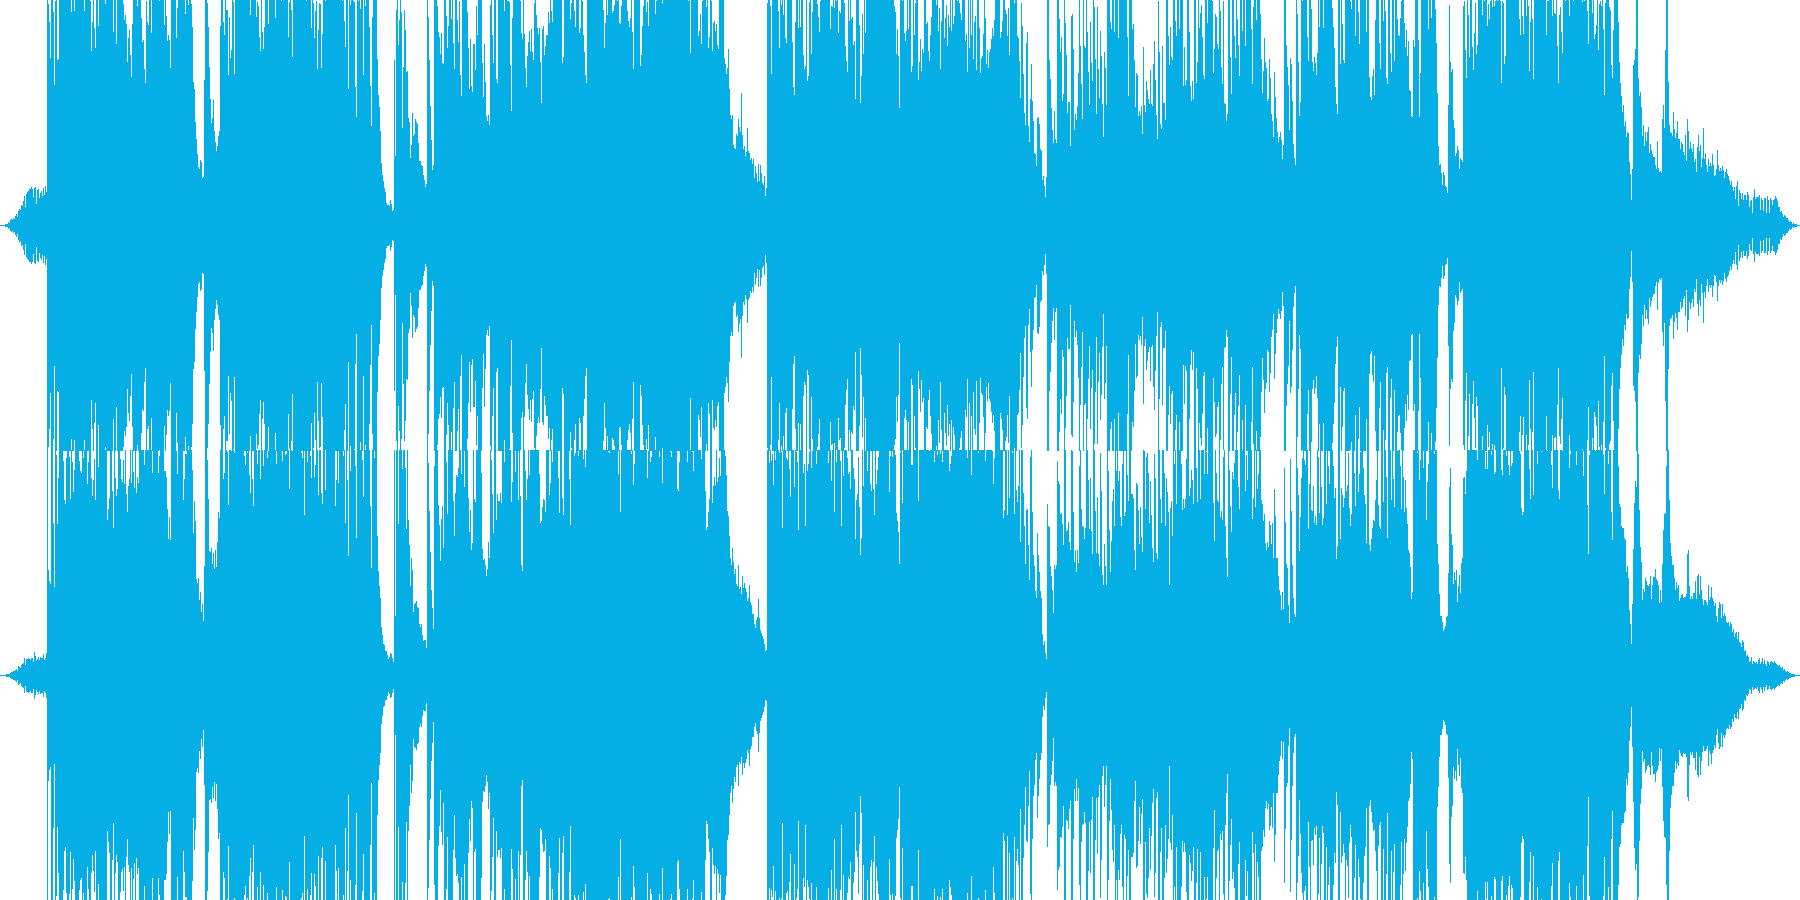 「森」をイメージしたヒーリング・サウンドの再生済みの波形